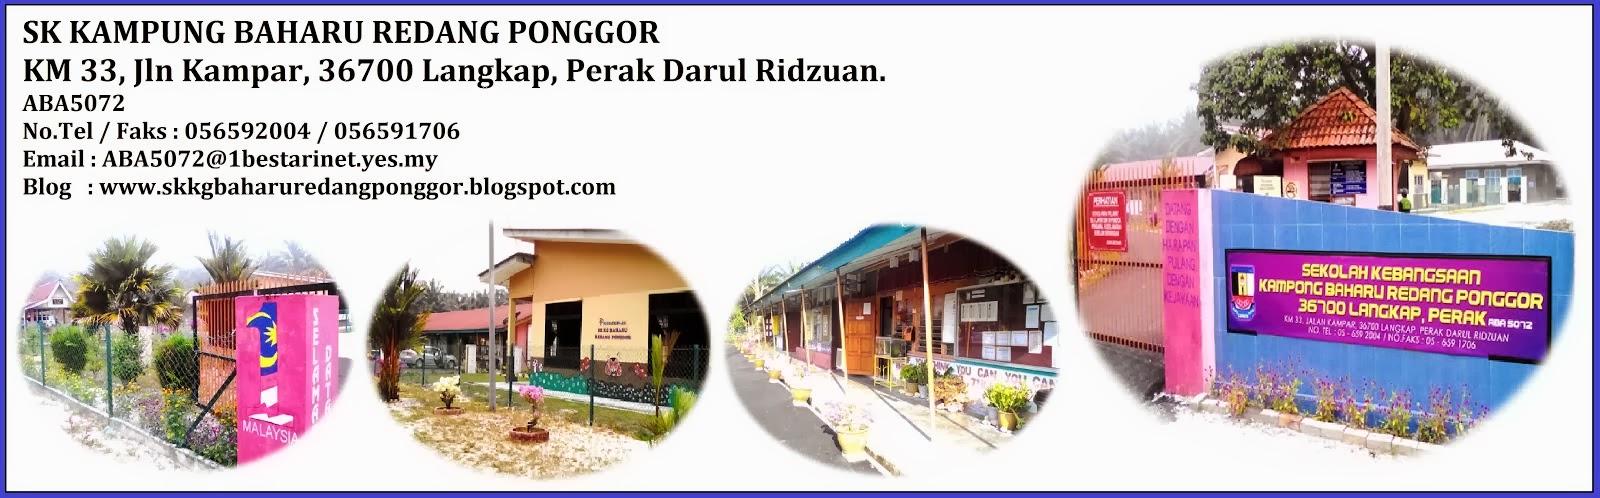 SK KG BAHARU REDANG PONGGOR